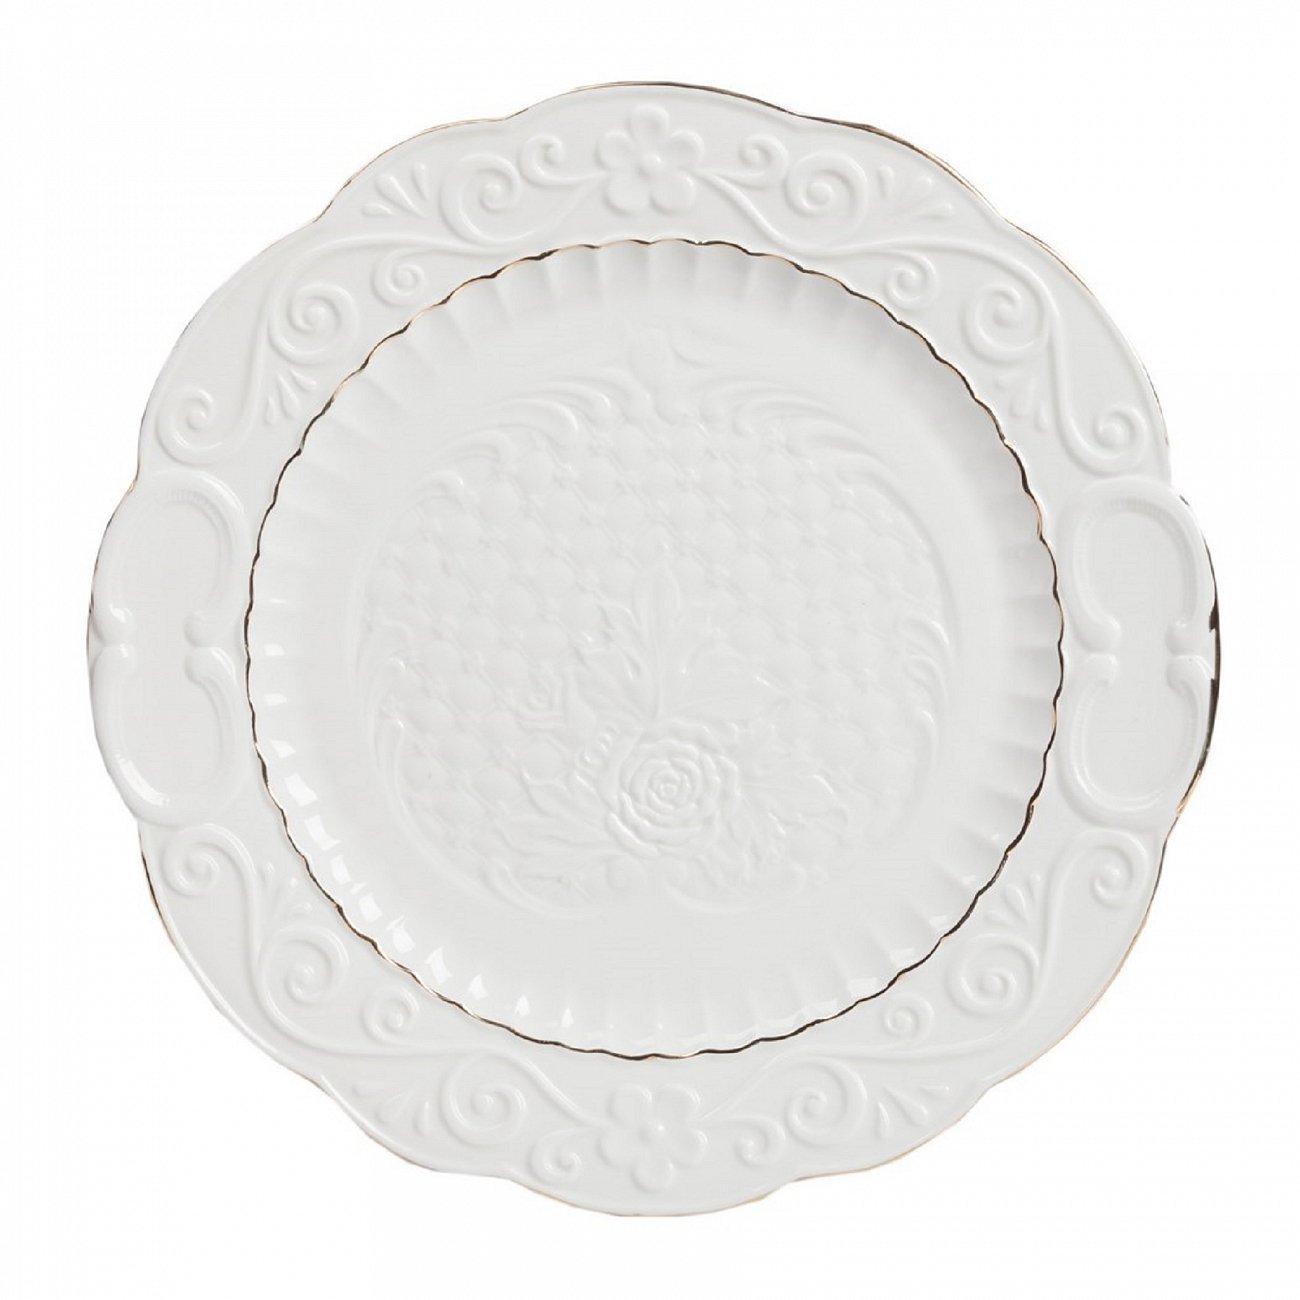 Купить Большая тарелка Beleza в интернет магазине дизайнерской мебели и аксессуаров для дома и дачи